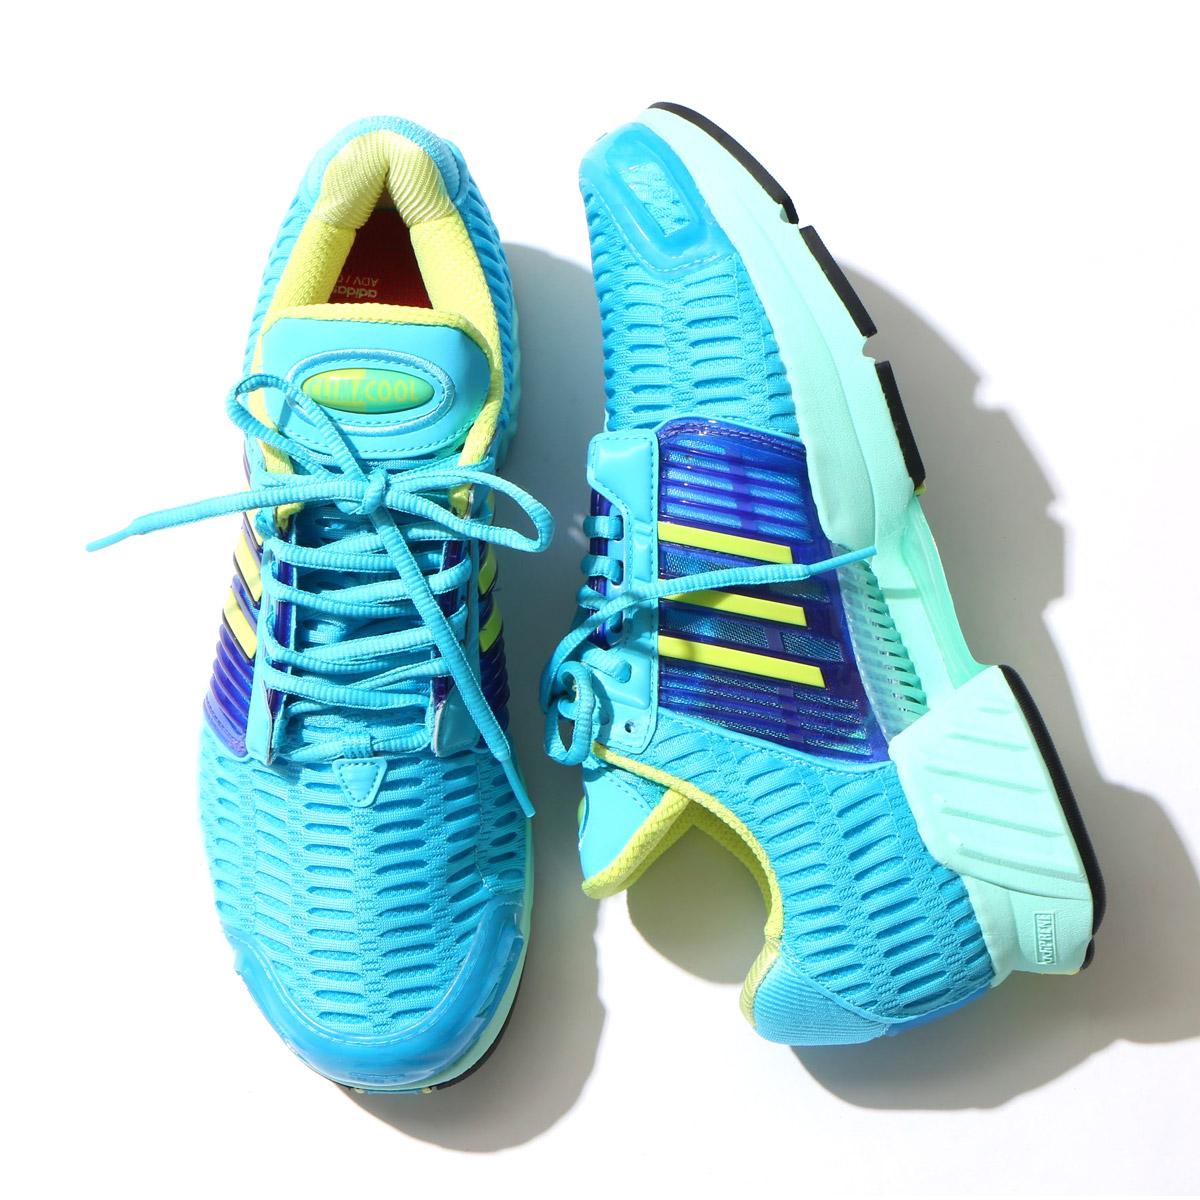 adidas Originals CLIMACOOL 1(アディダス クライマクール 1)(Bright Cyan/Semi Frozen Yellow/Purple)【メンズ スニーカー】17SS-S